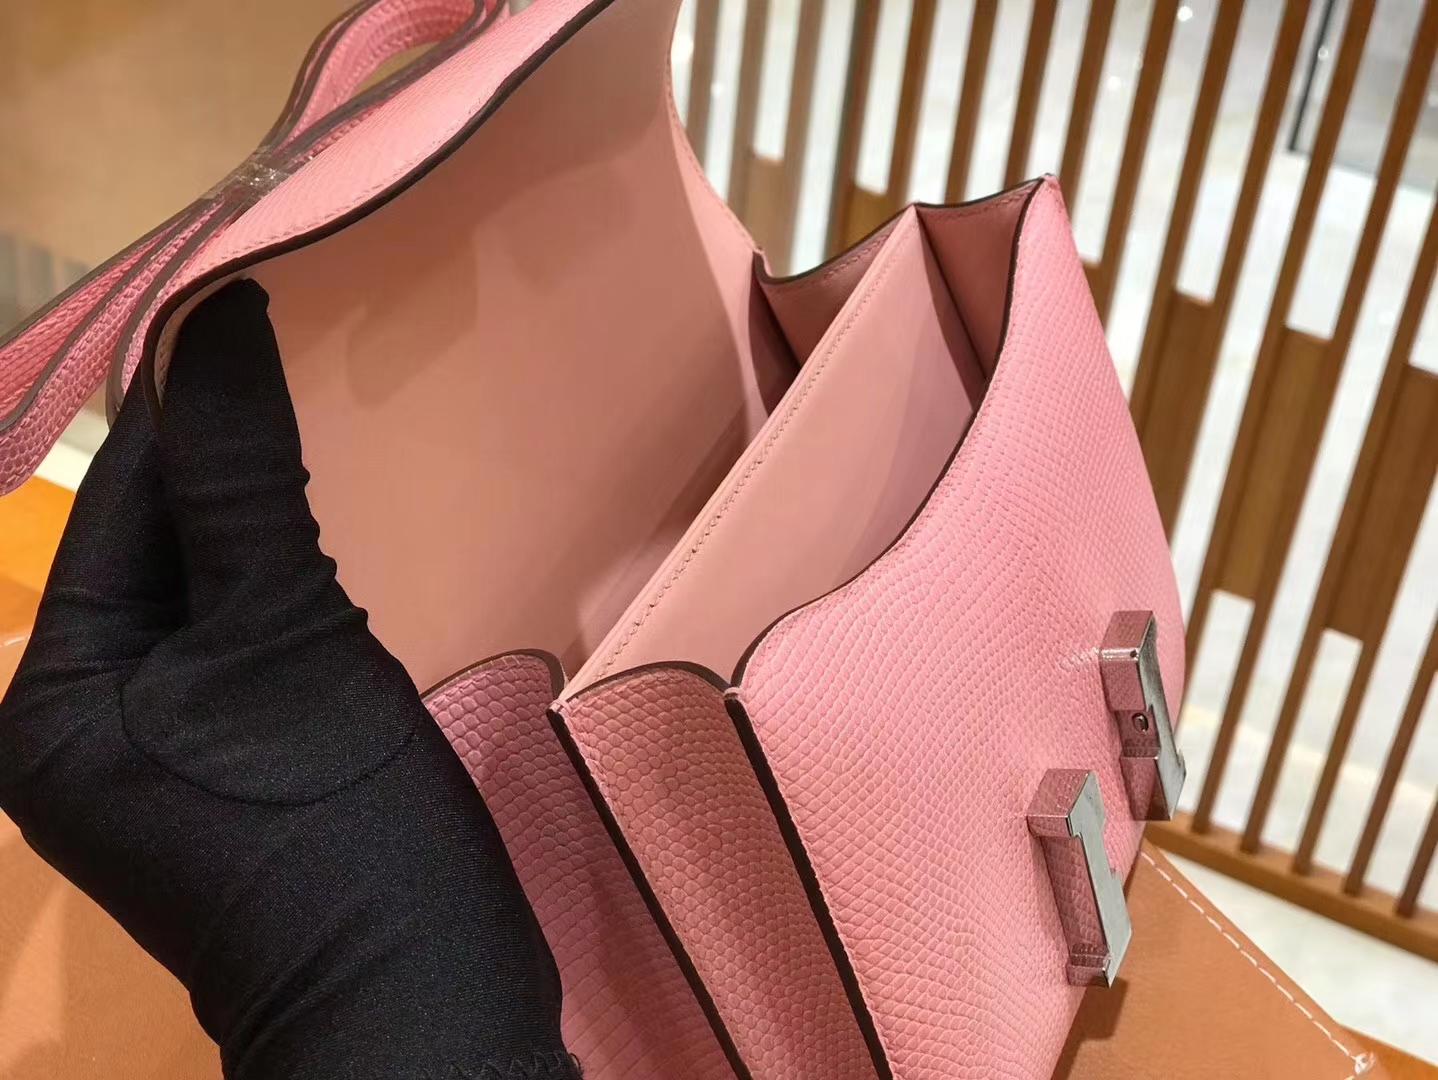 Hermès(爱马仕)Constance 18cm 3Q粉 南非野生蜥蜴皮 银扣 原版蜜蜡线 顶级手缝